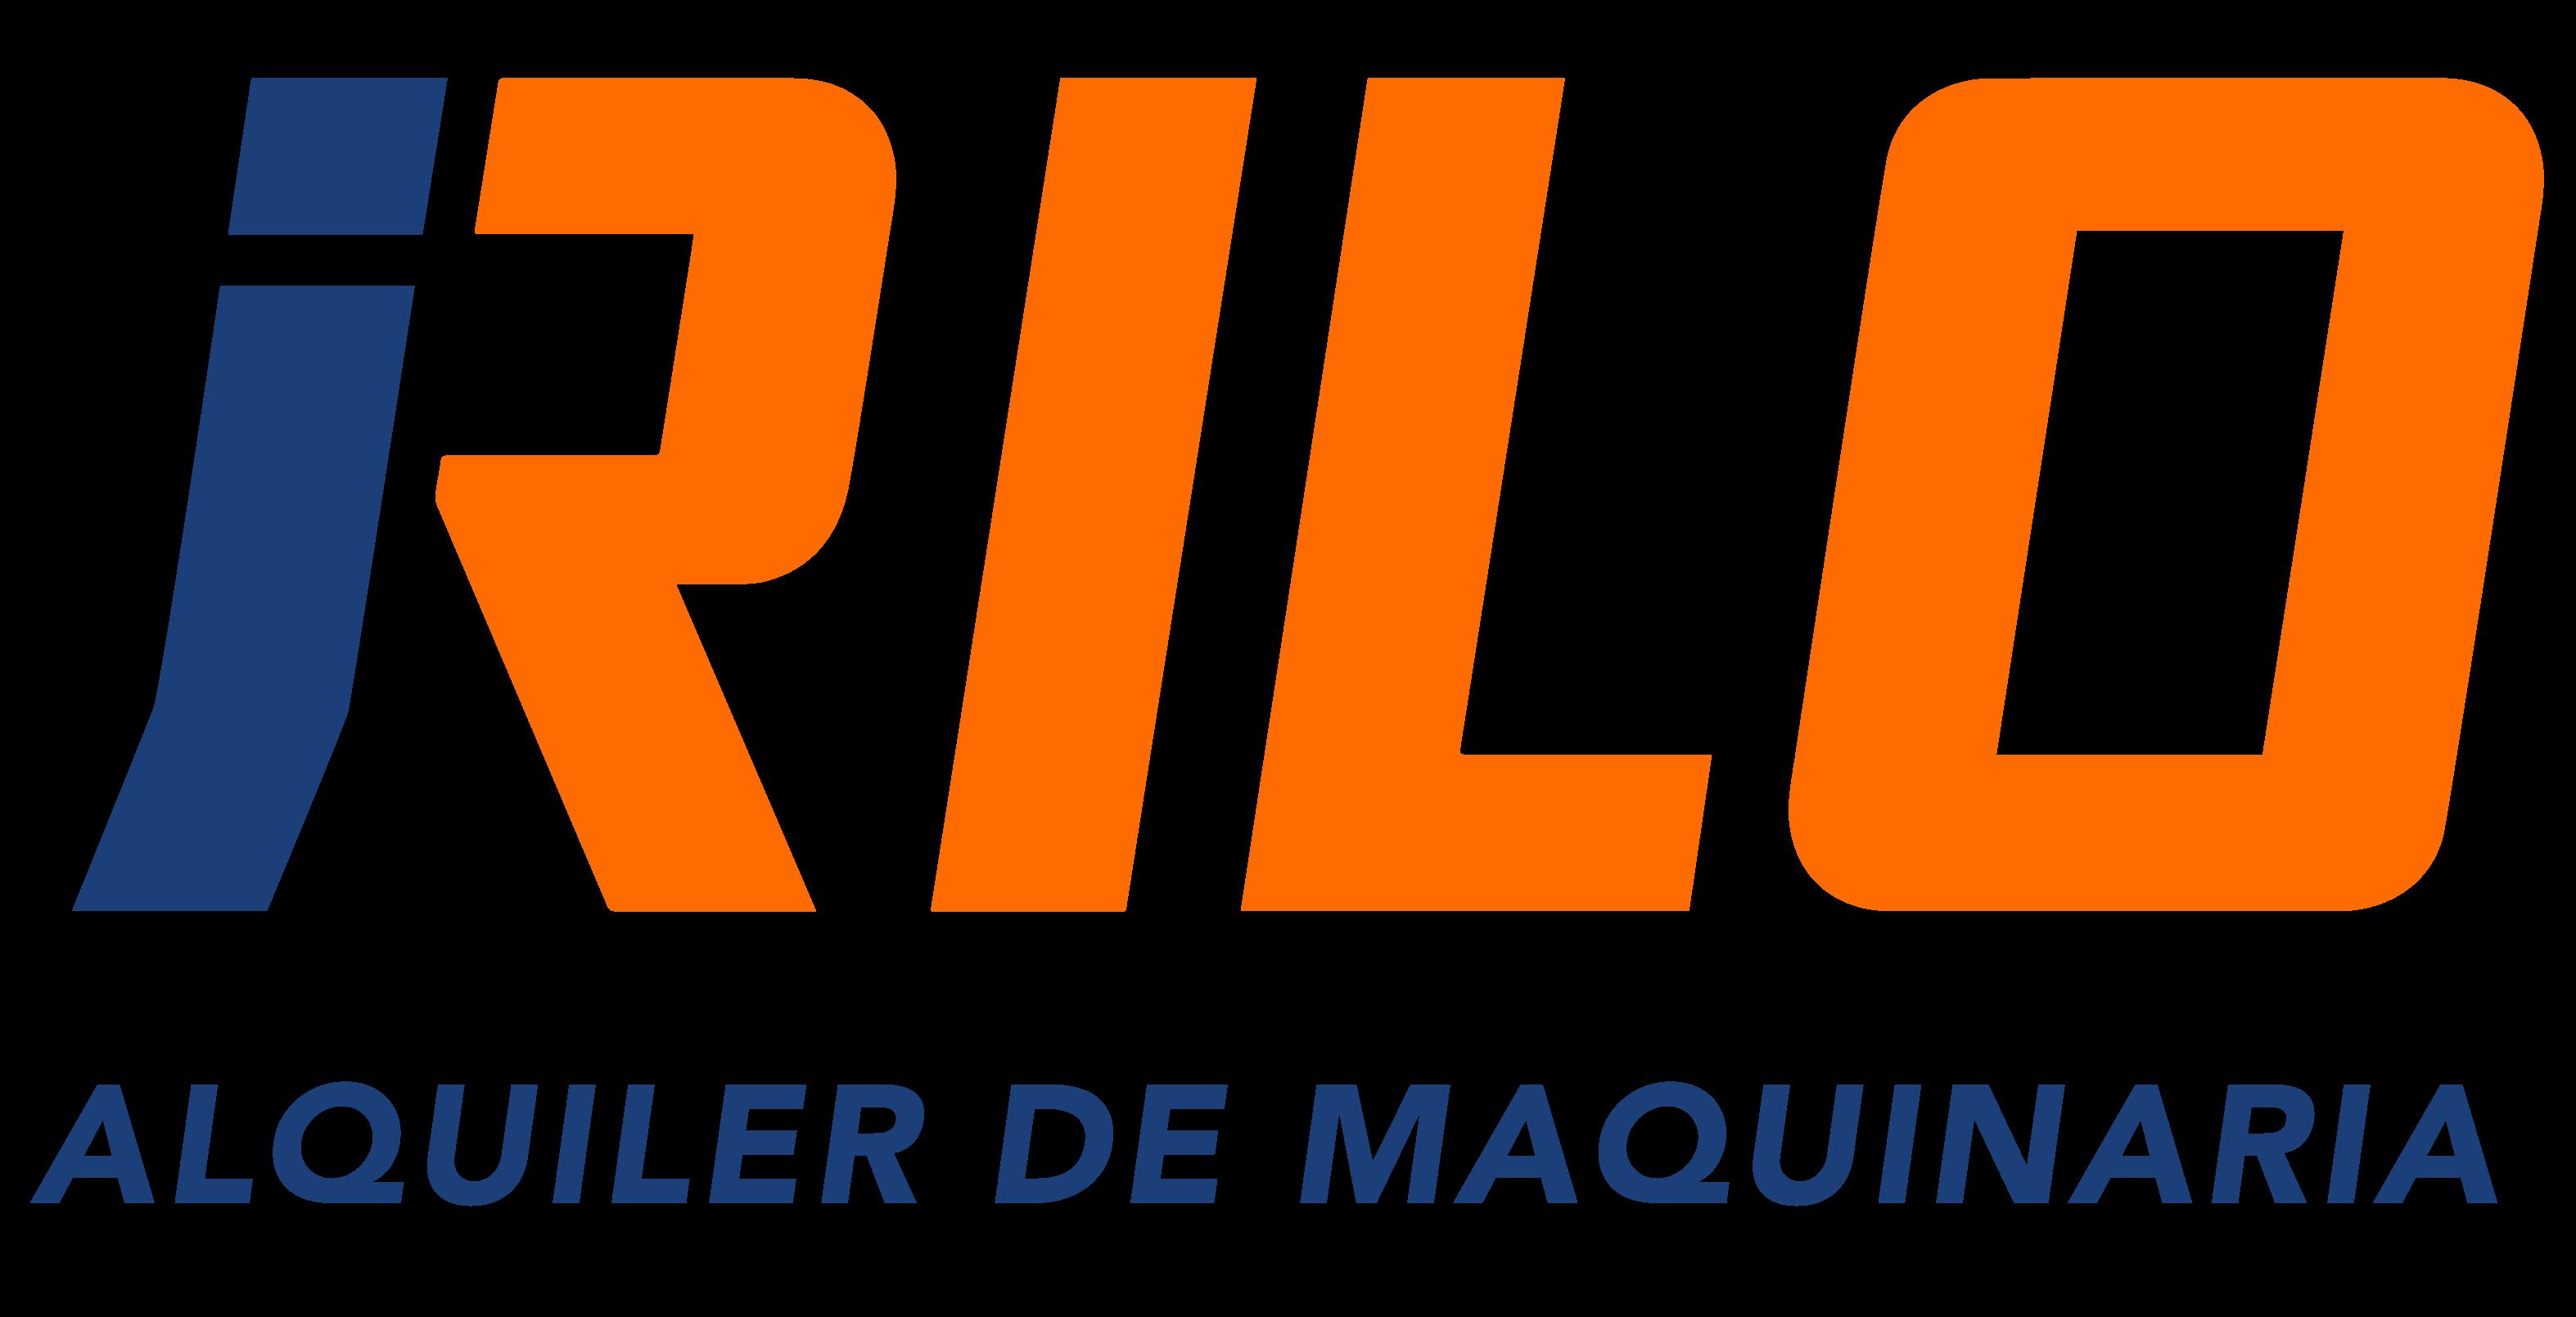 Rilo Maquinaria